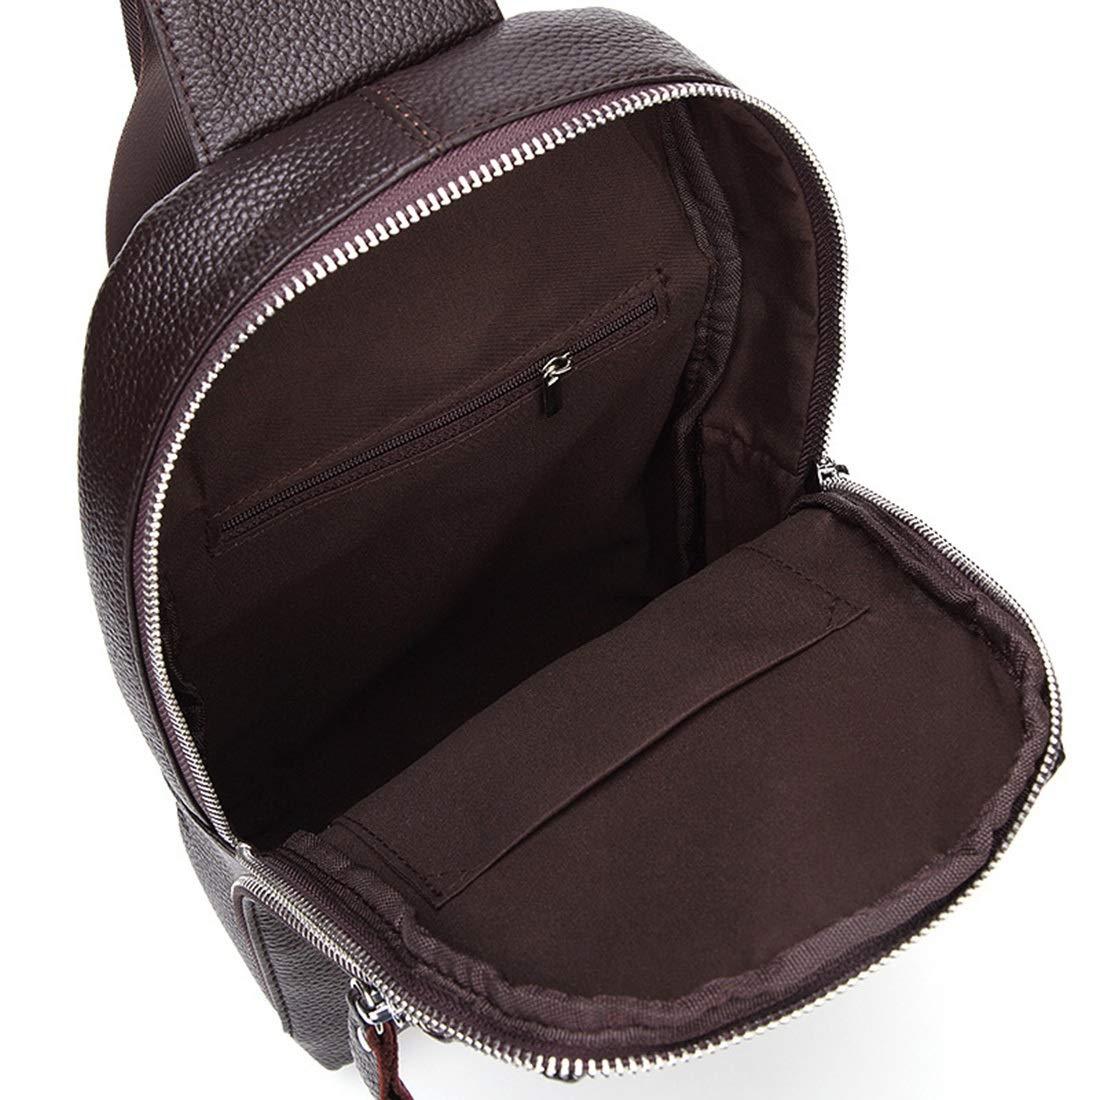 KRPENRIO Genuine Leather Chest Bag Shoulder Sling Backpack Unisex Outdoor Crossbody Sling Pack Sport Daypack